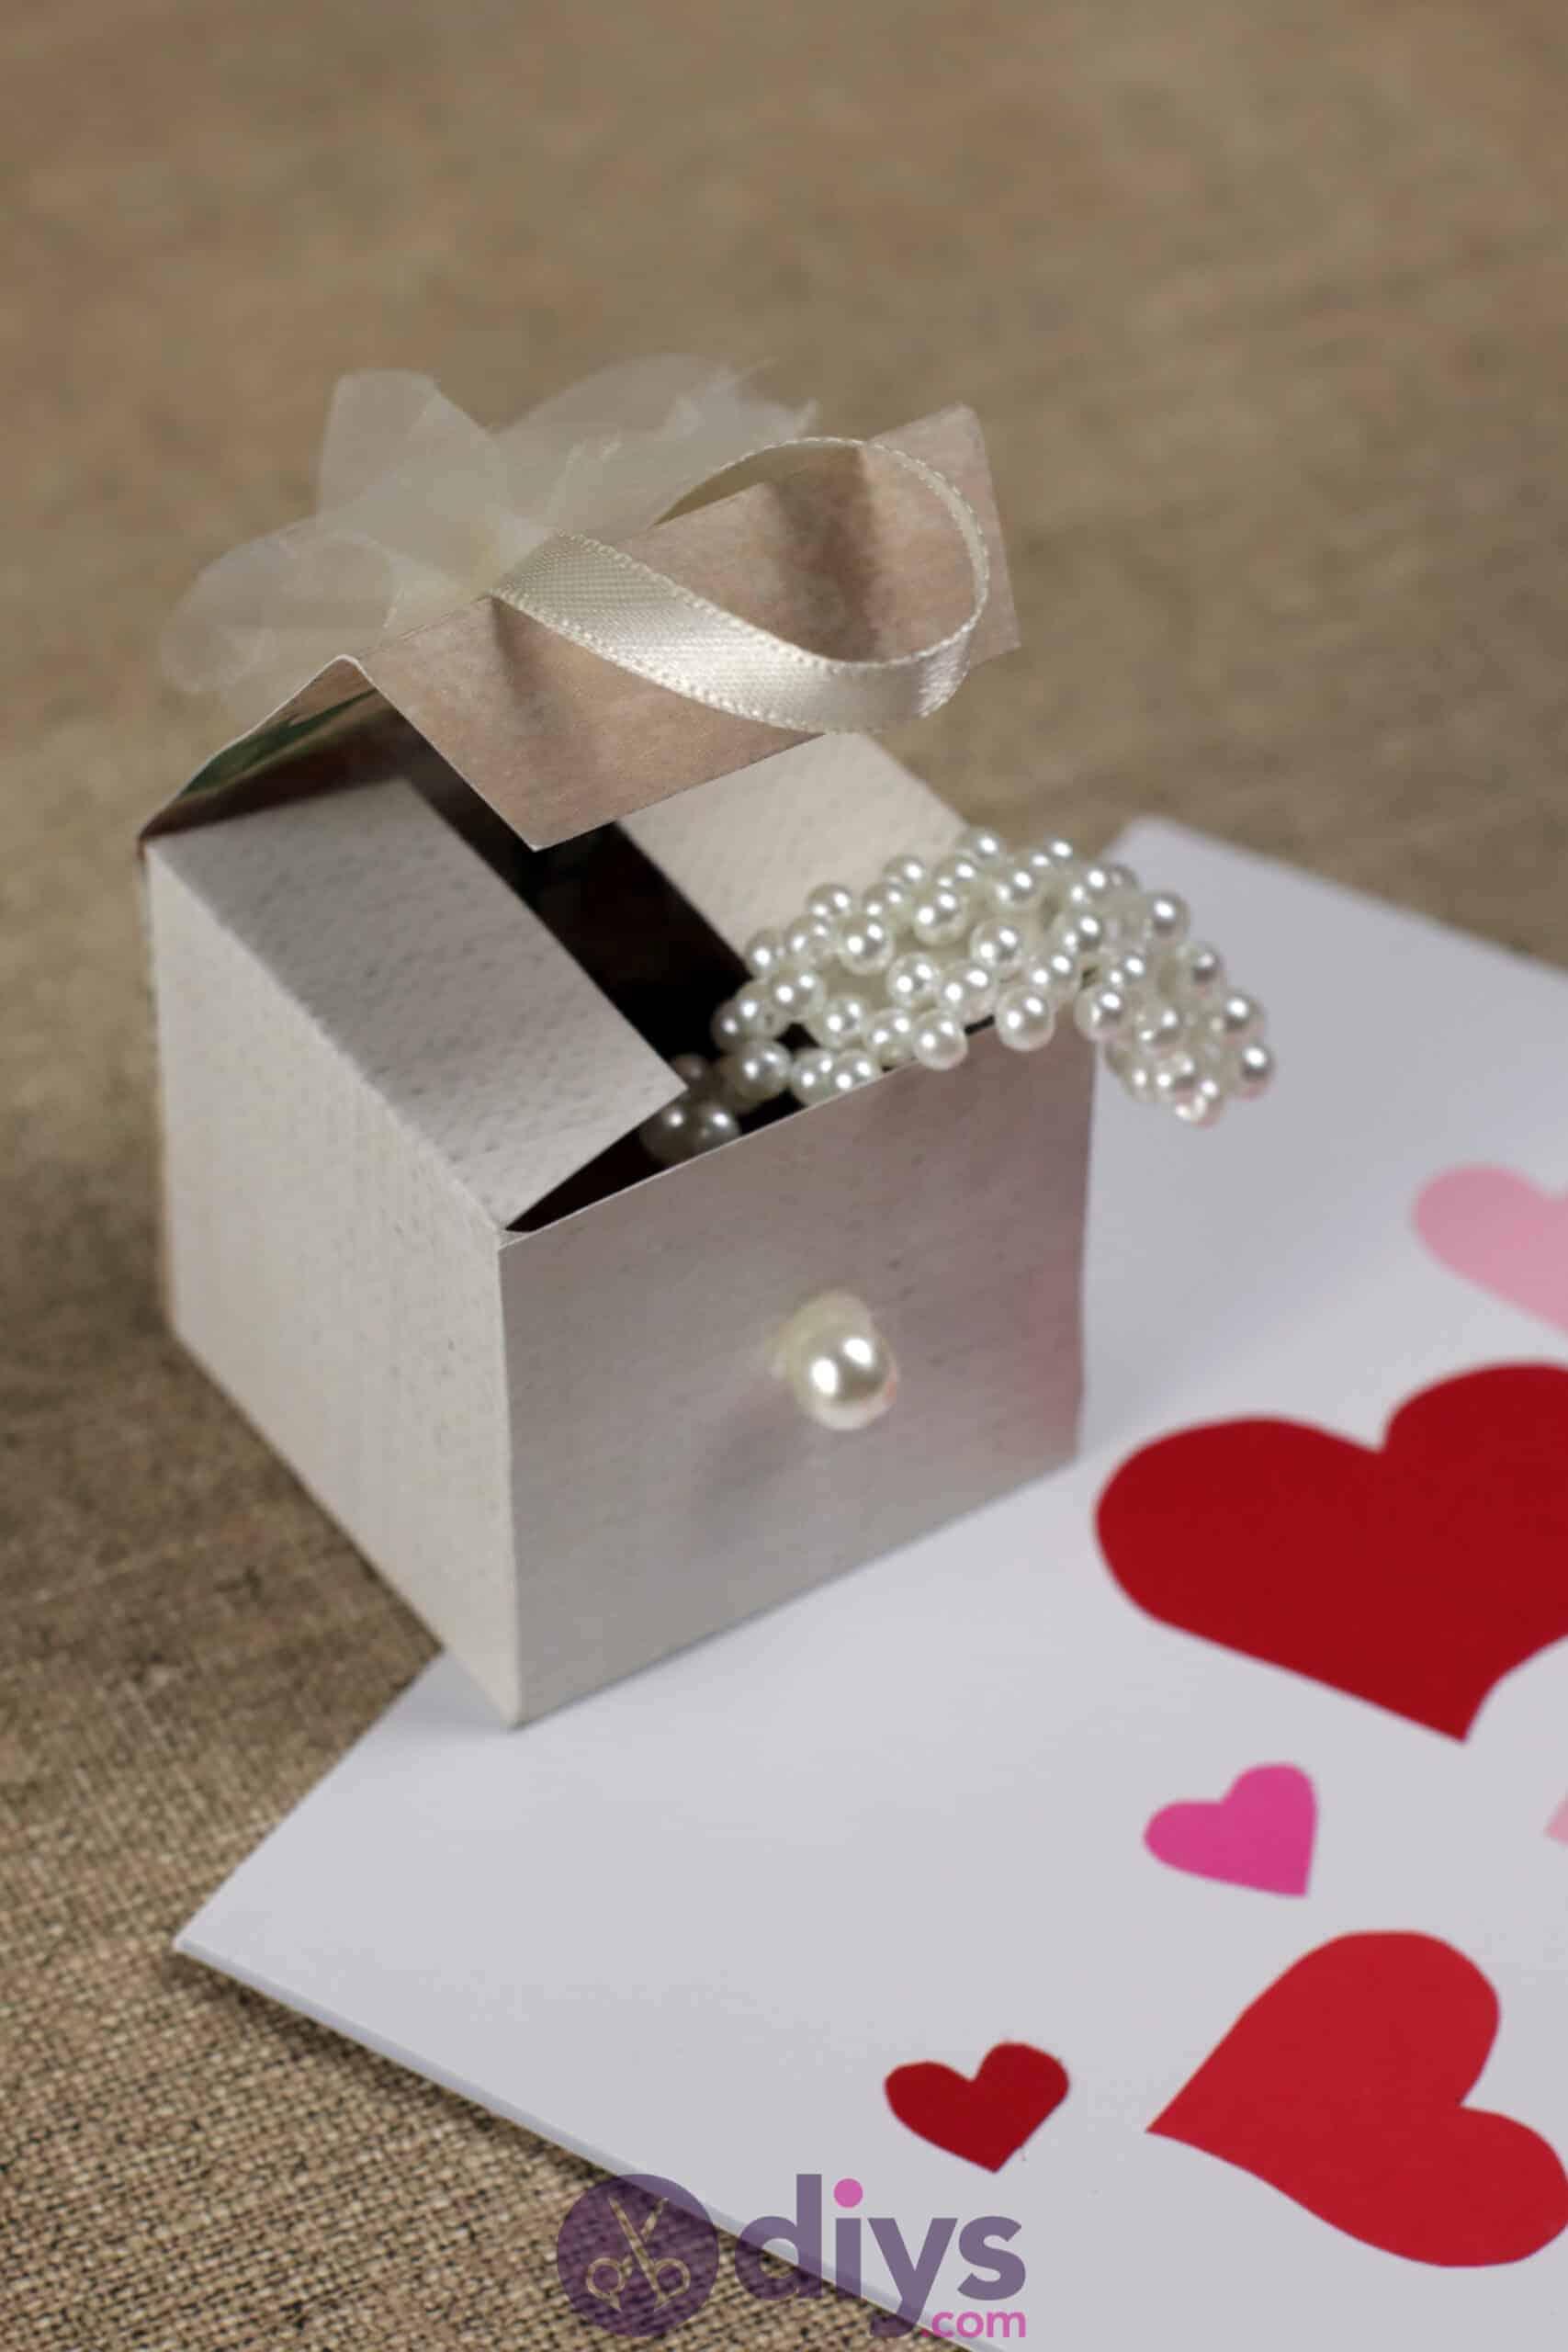 Diy mini wedding gift box